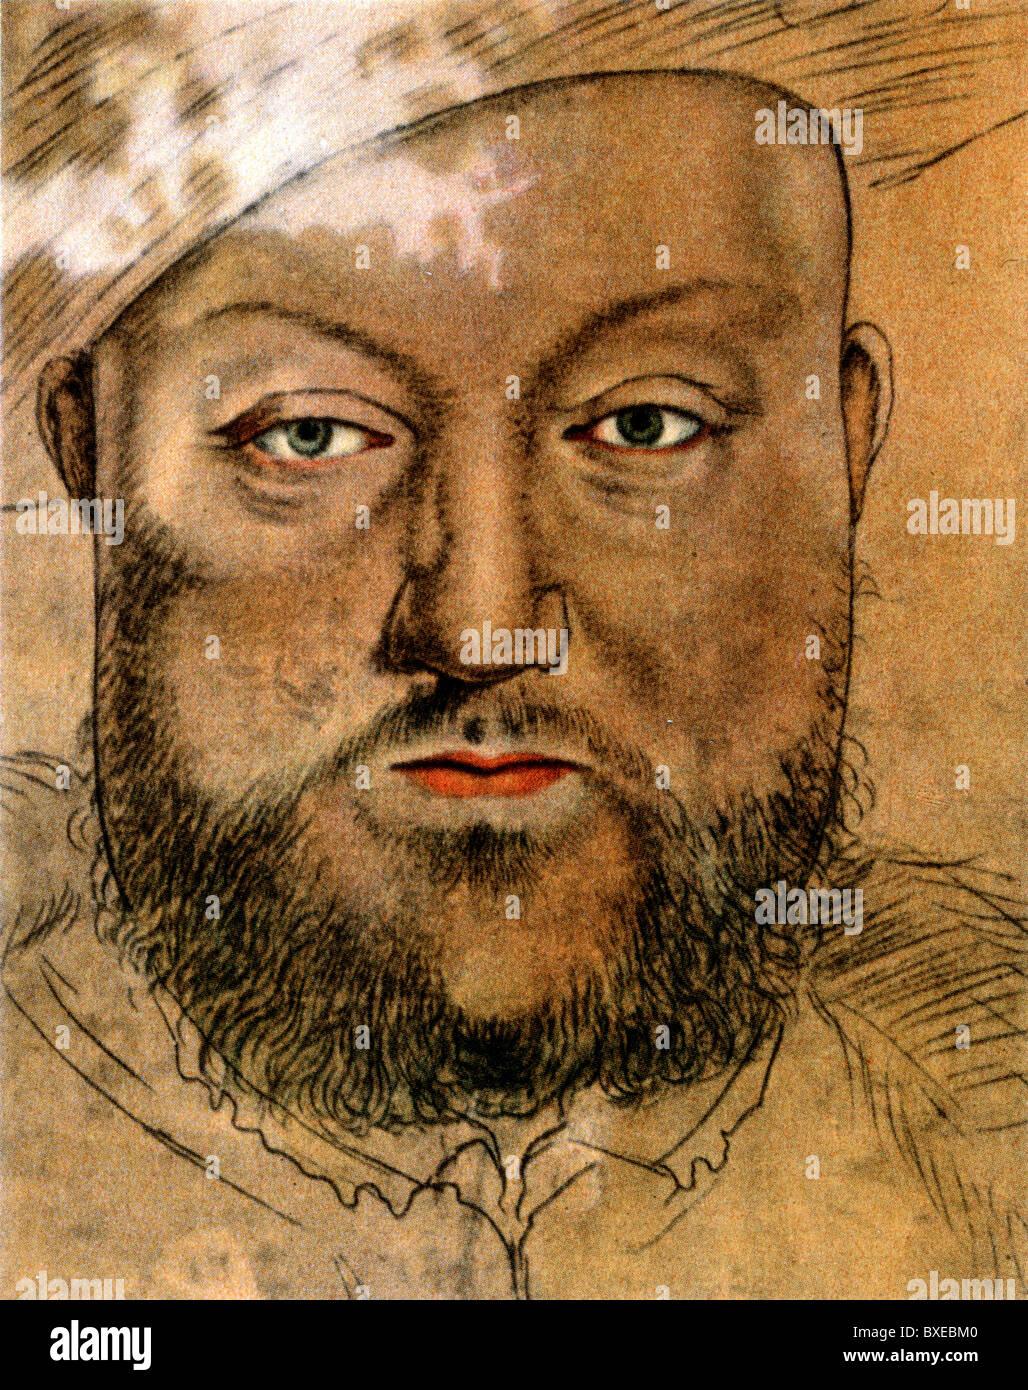 Skizze von Hans Holbein den jüngeren; Porträt von König Henry VIII von England, Farbe Abbildung; Stockfoto